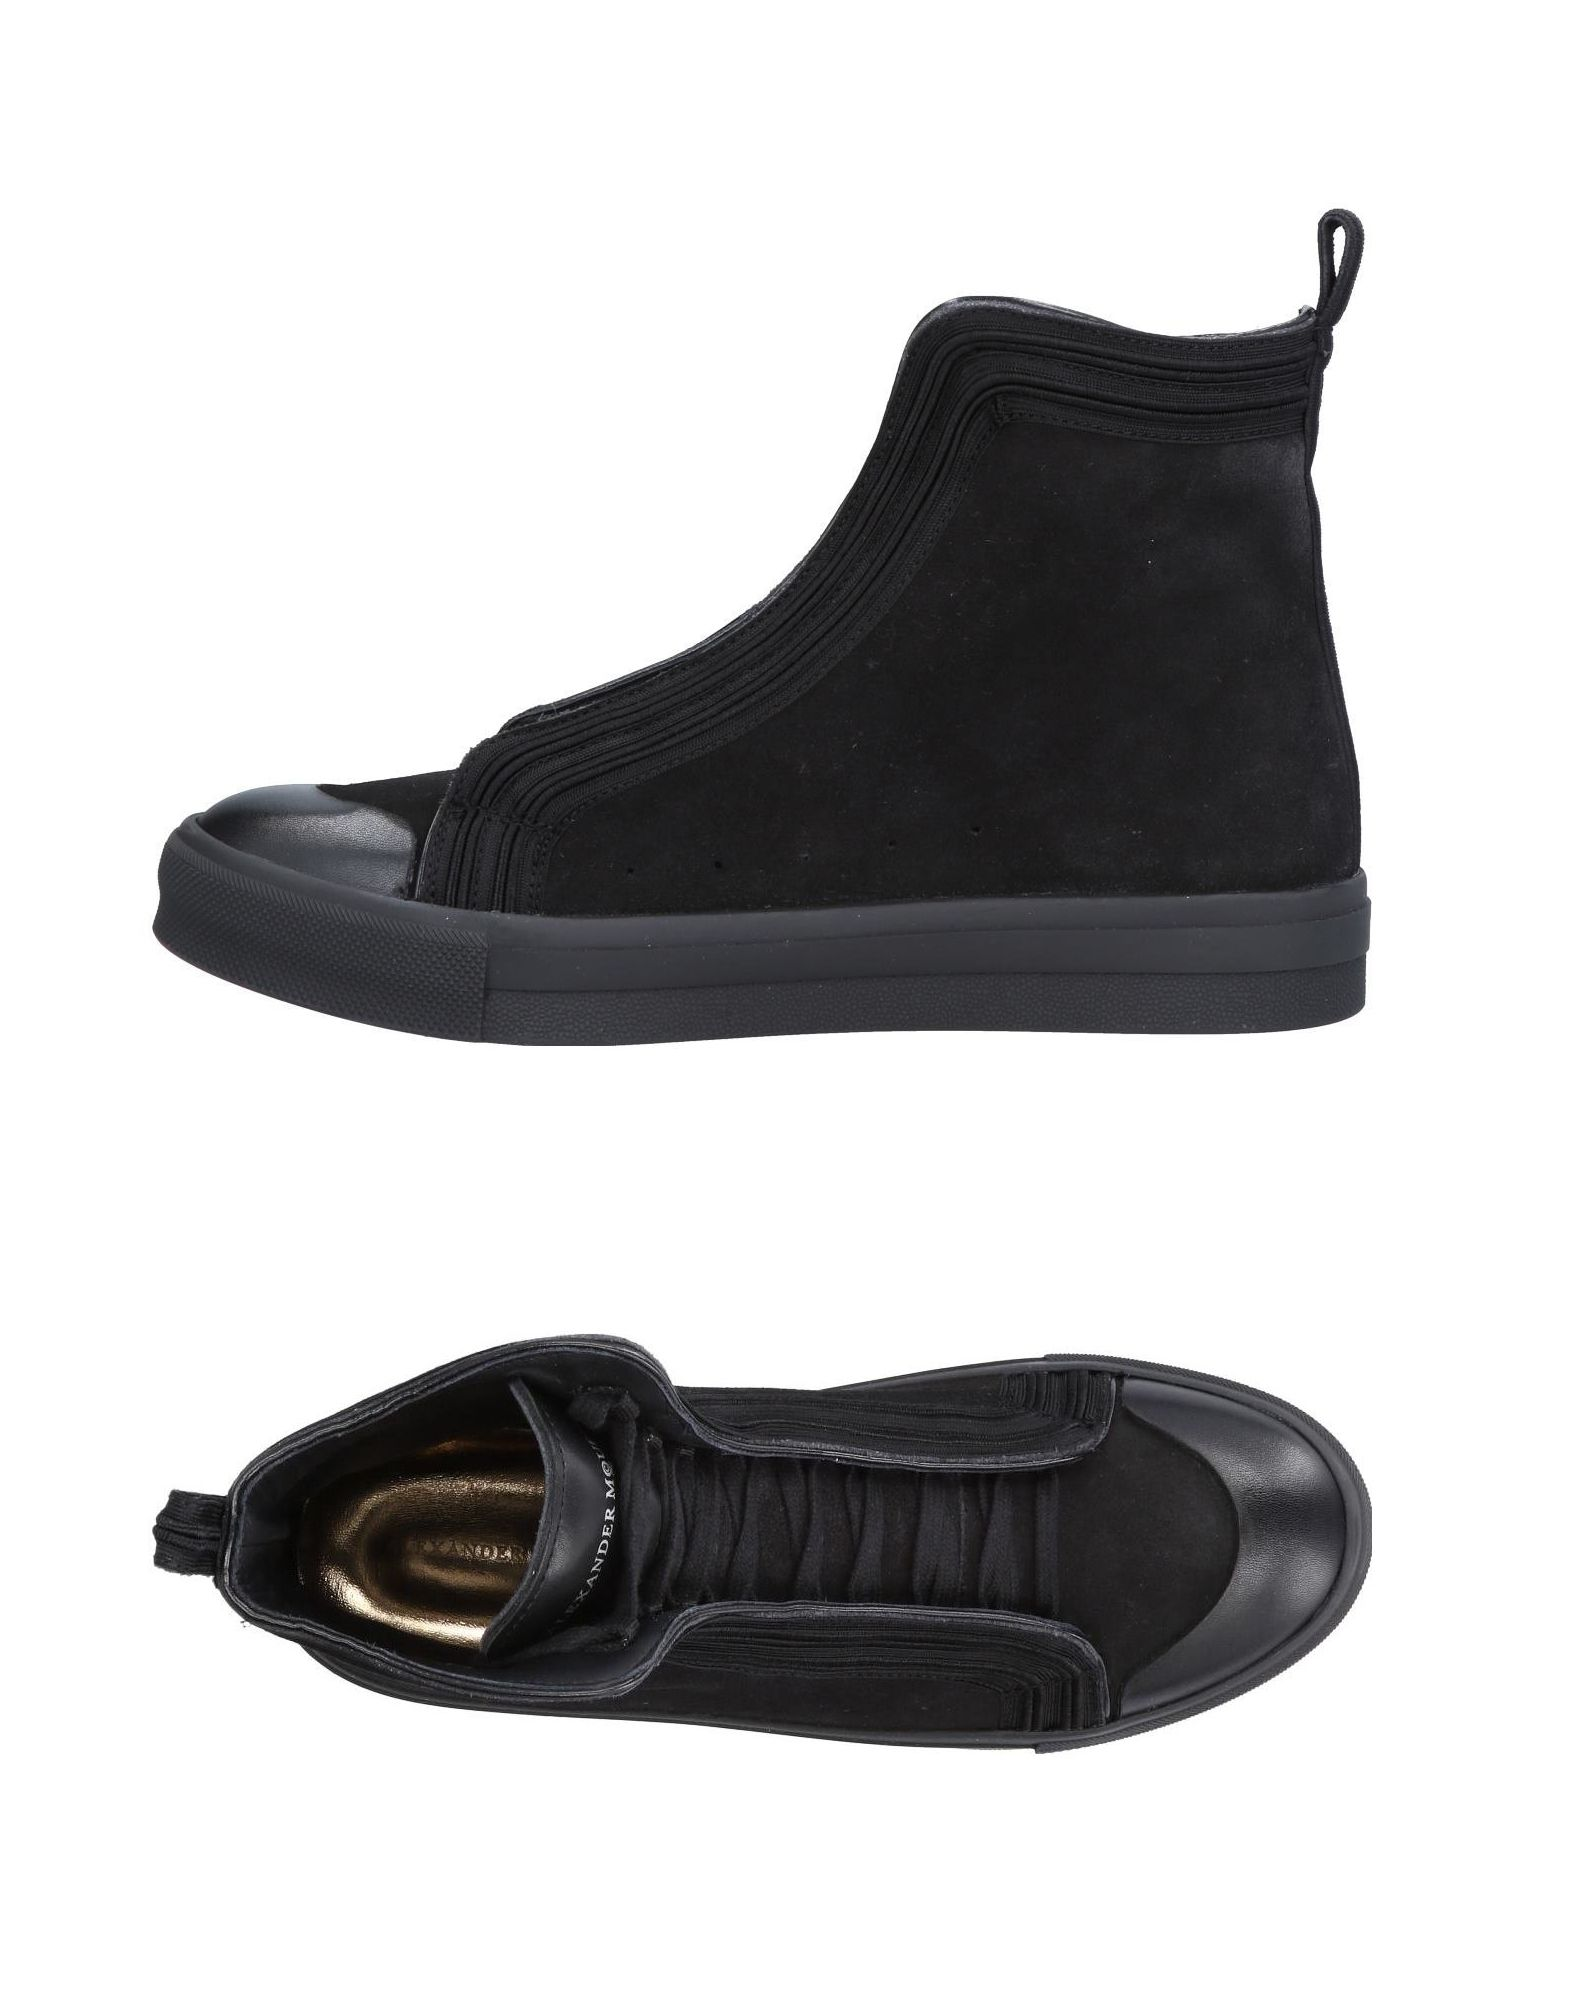 Alexander Mcqueen Sneakers Herren  11496436OB Gute Qualität beliebte Schuhe